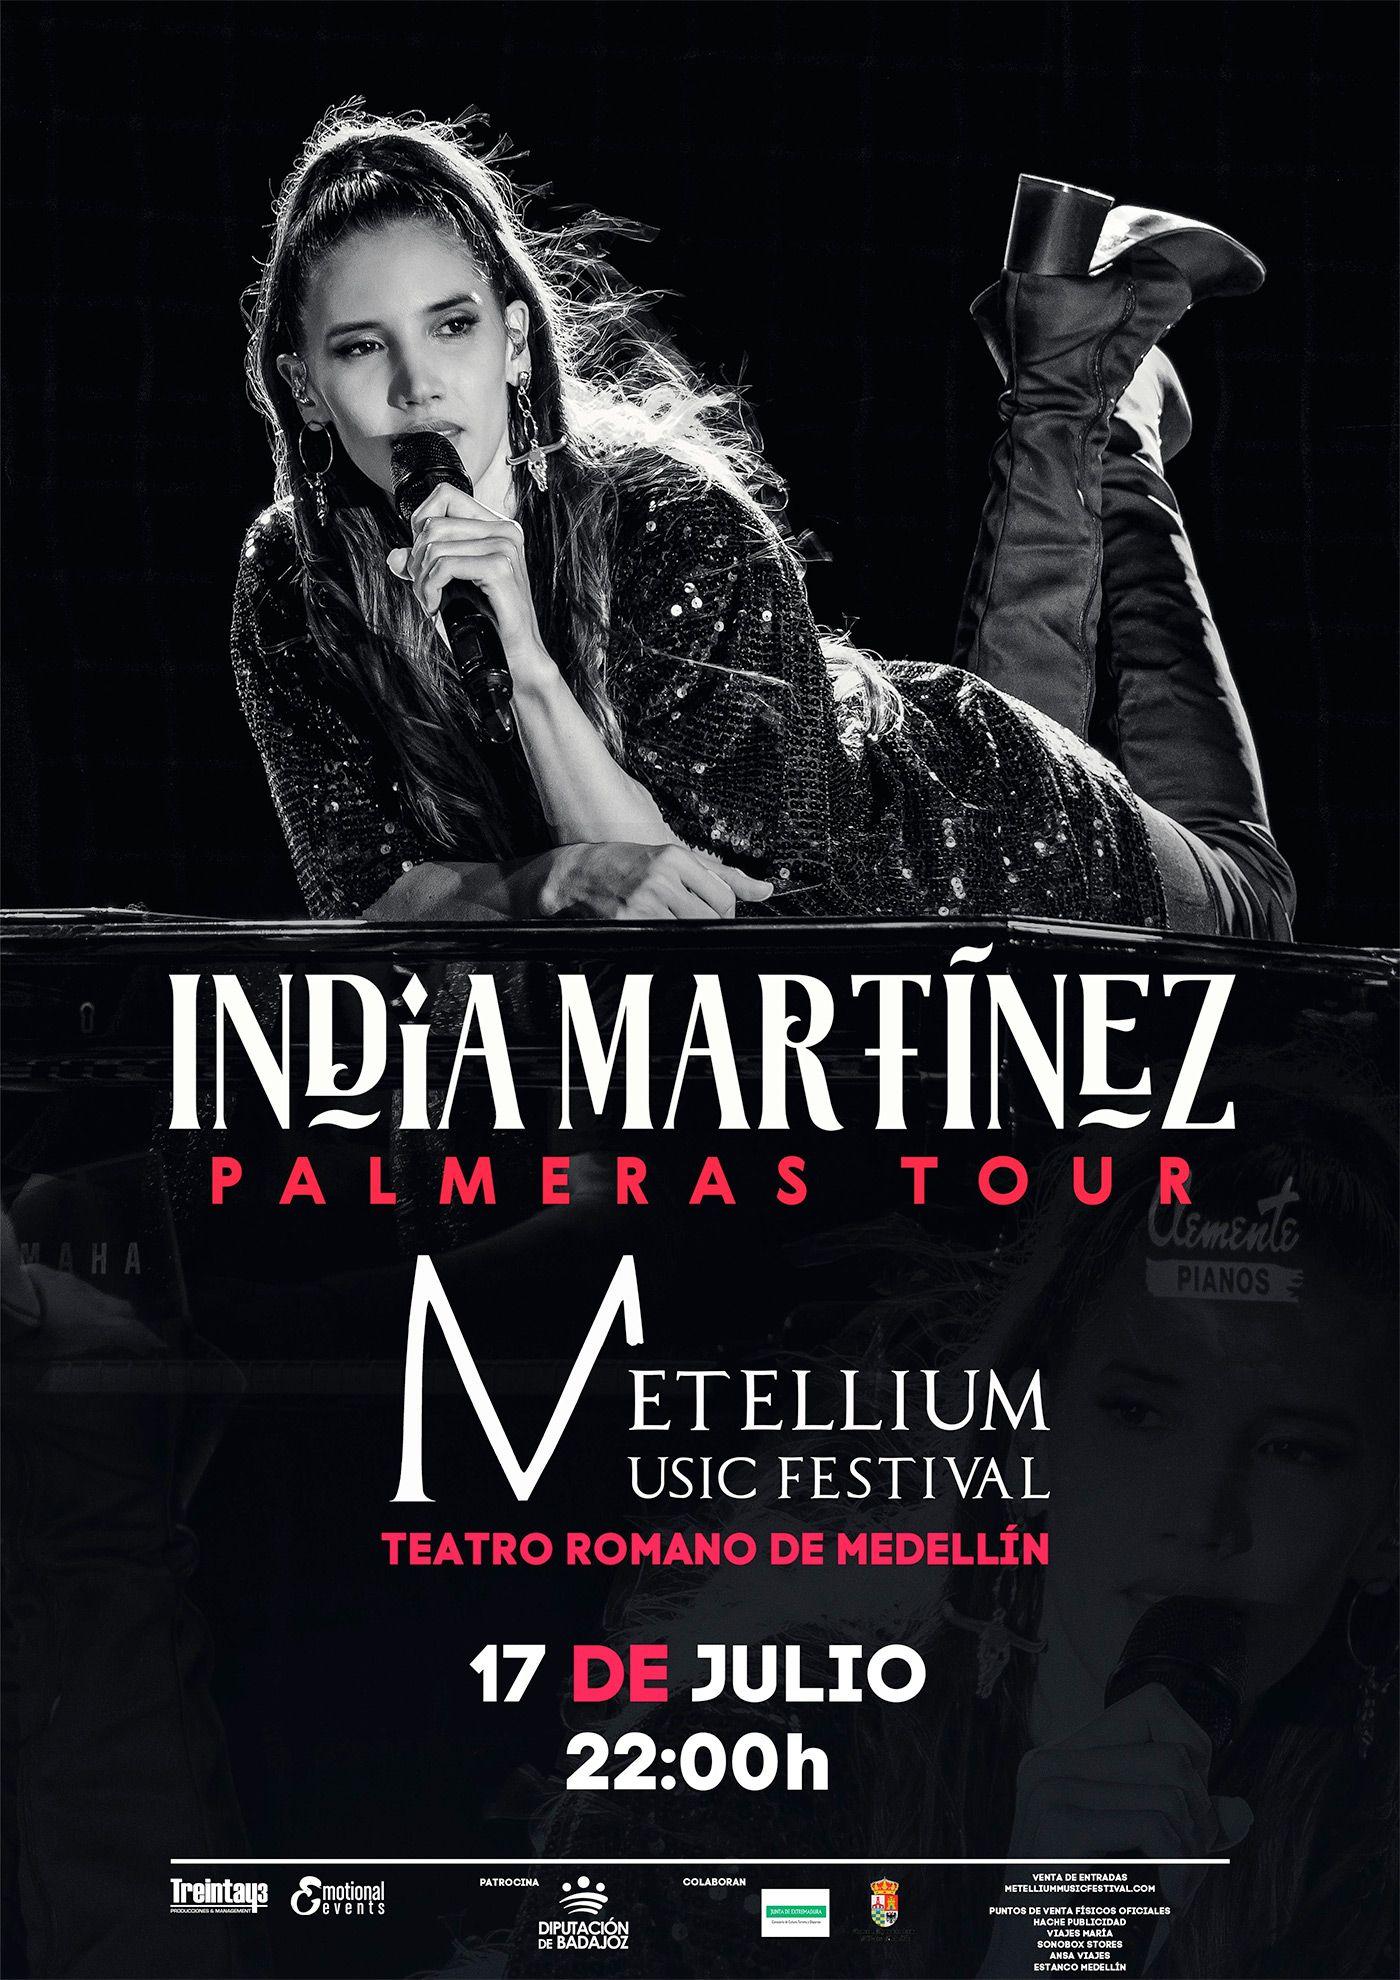 India Martinez Metellium